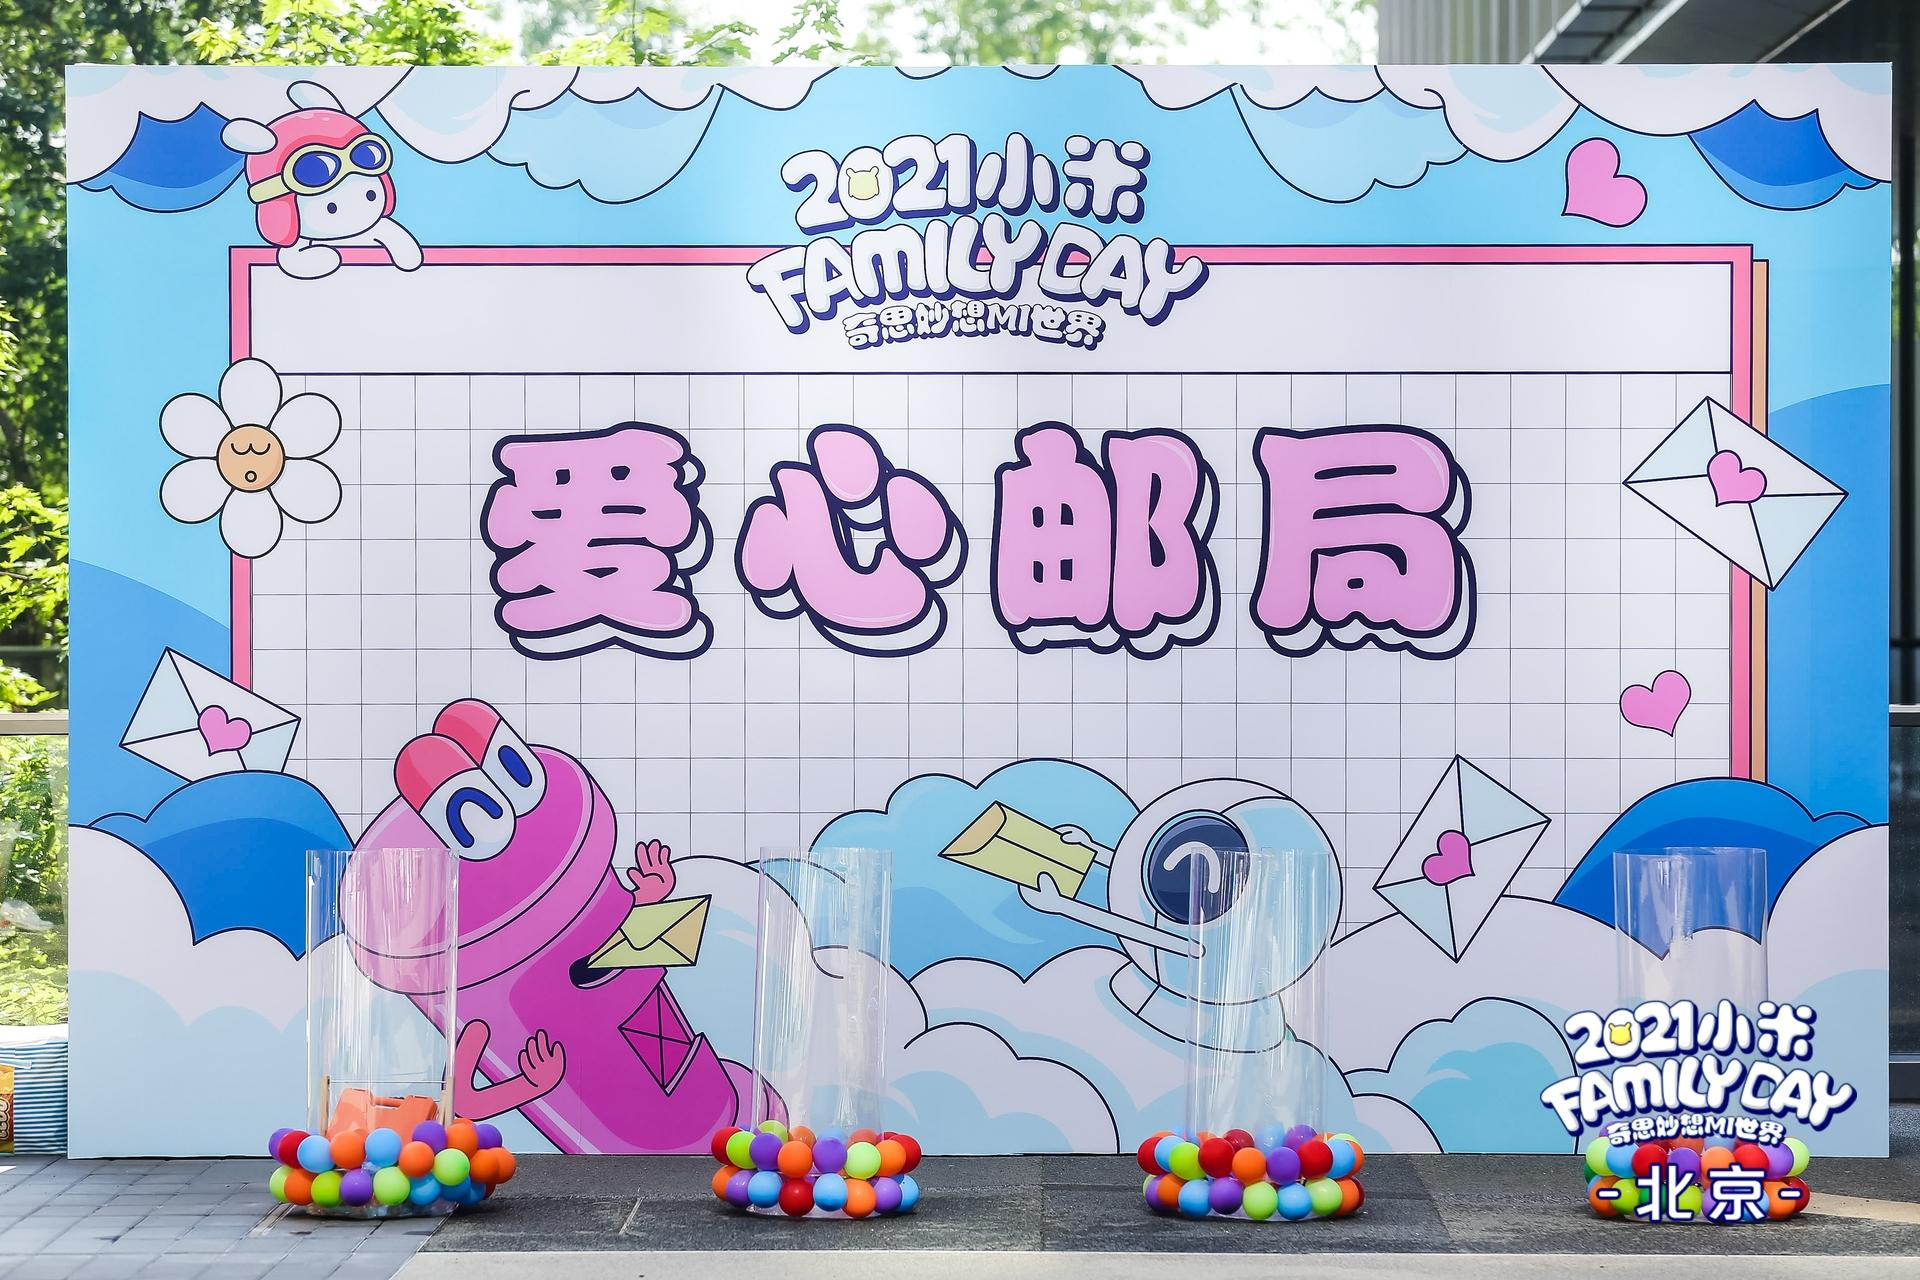 奇思妙想MI世界小米家庭日活动策划成大型游乐场,好玩又难忘